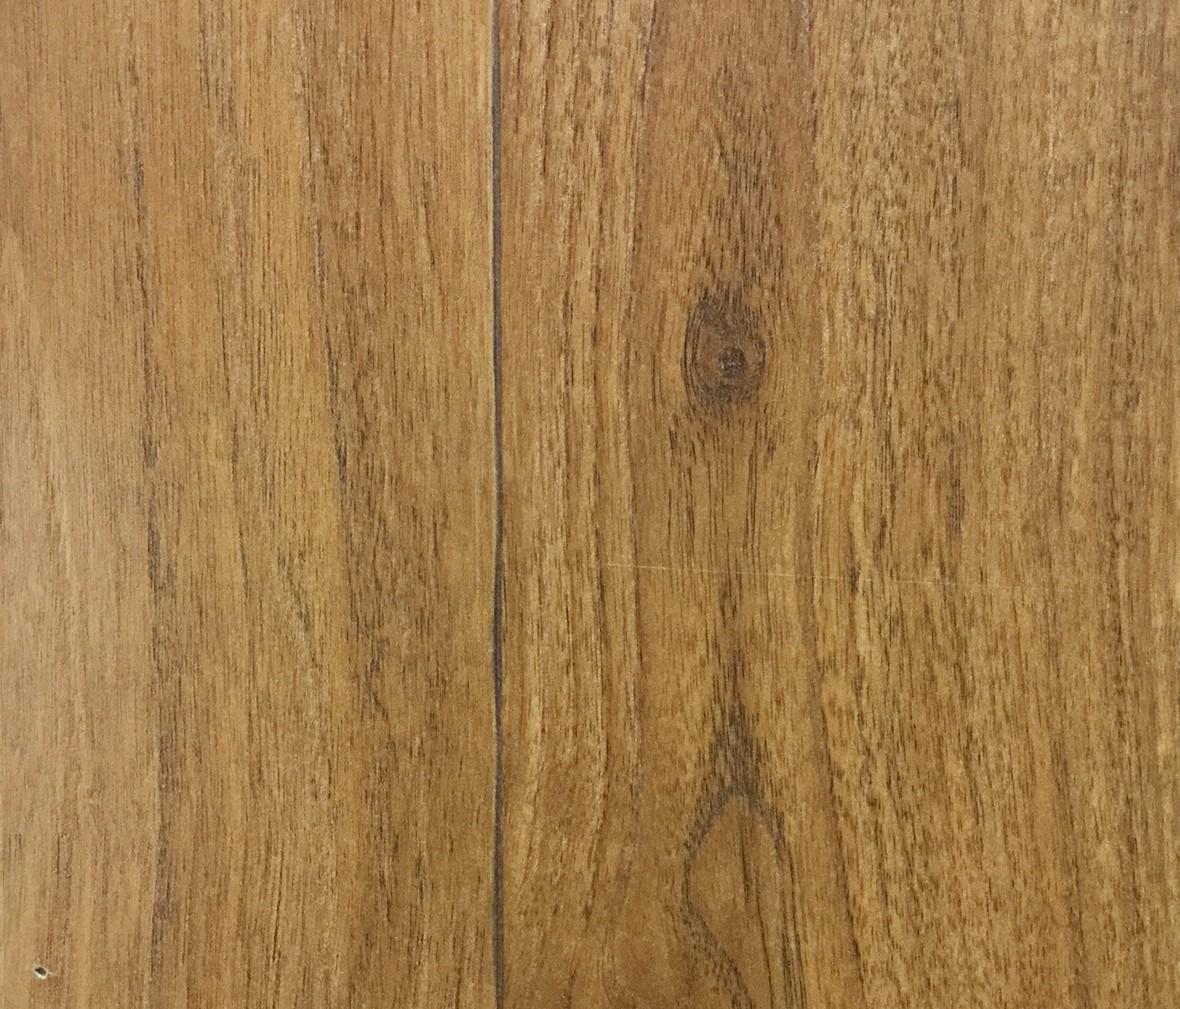 欧家地板 DL05型号爱玛雷托胡桃强化复合地板 双锁扣地板 商品细节